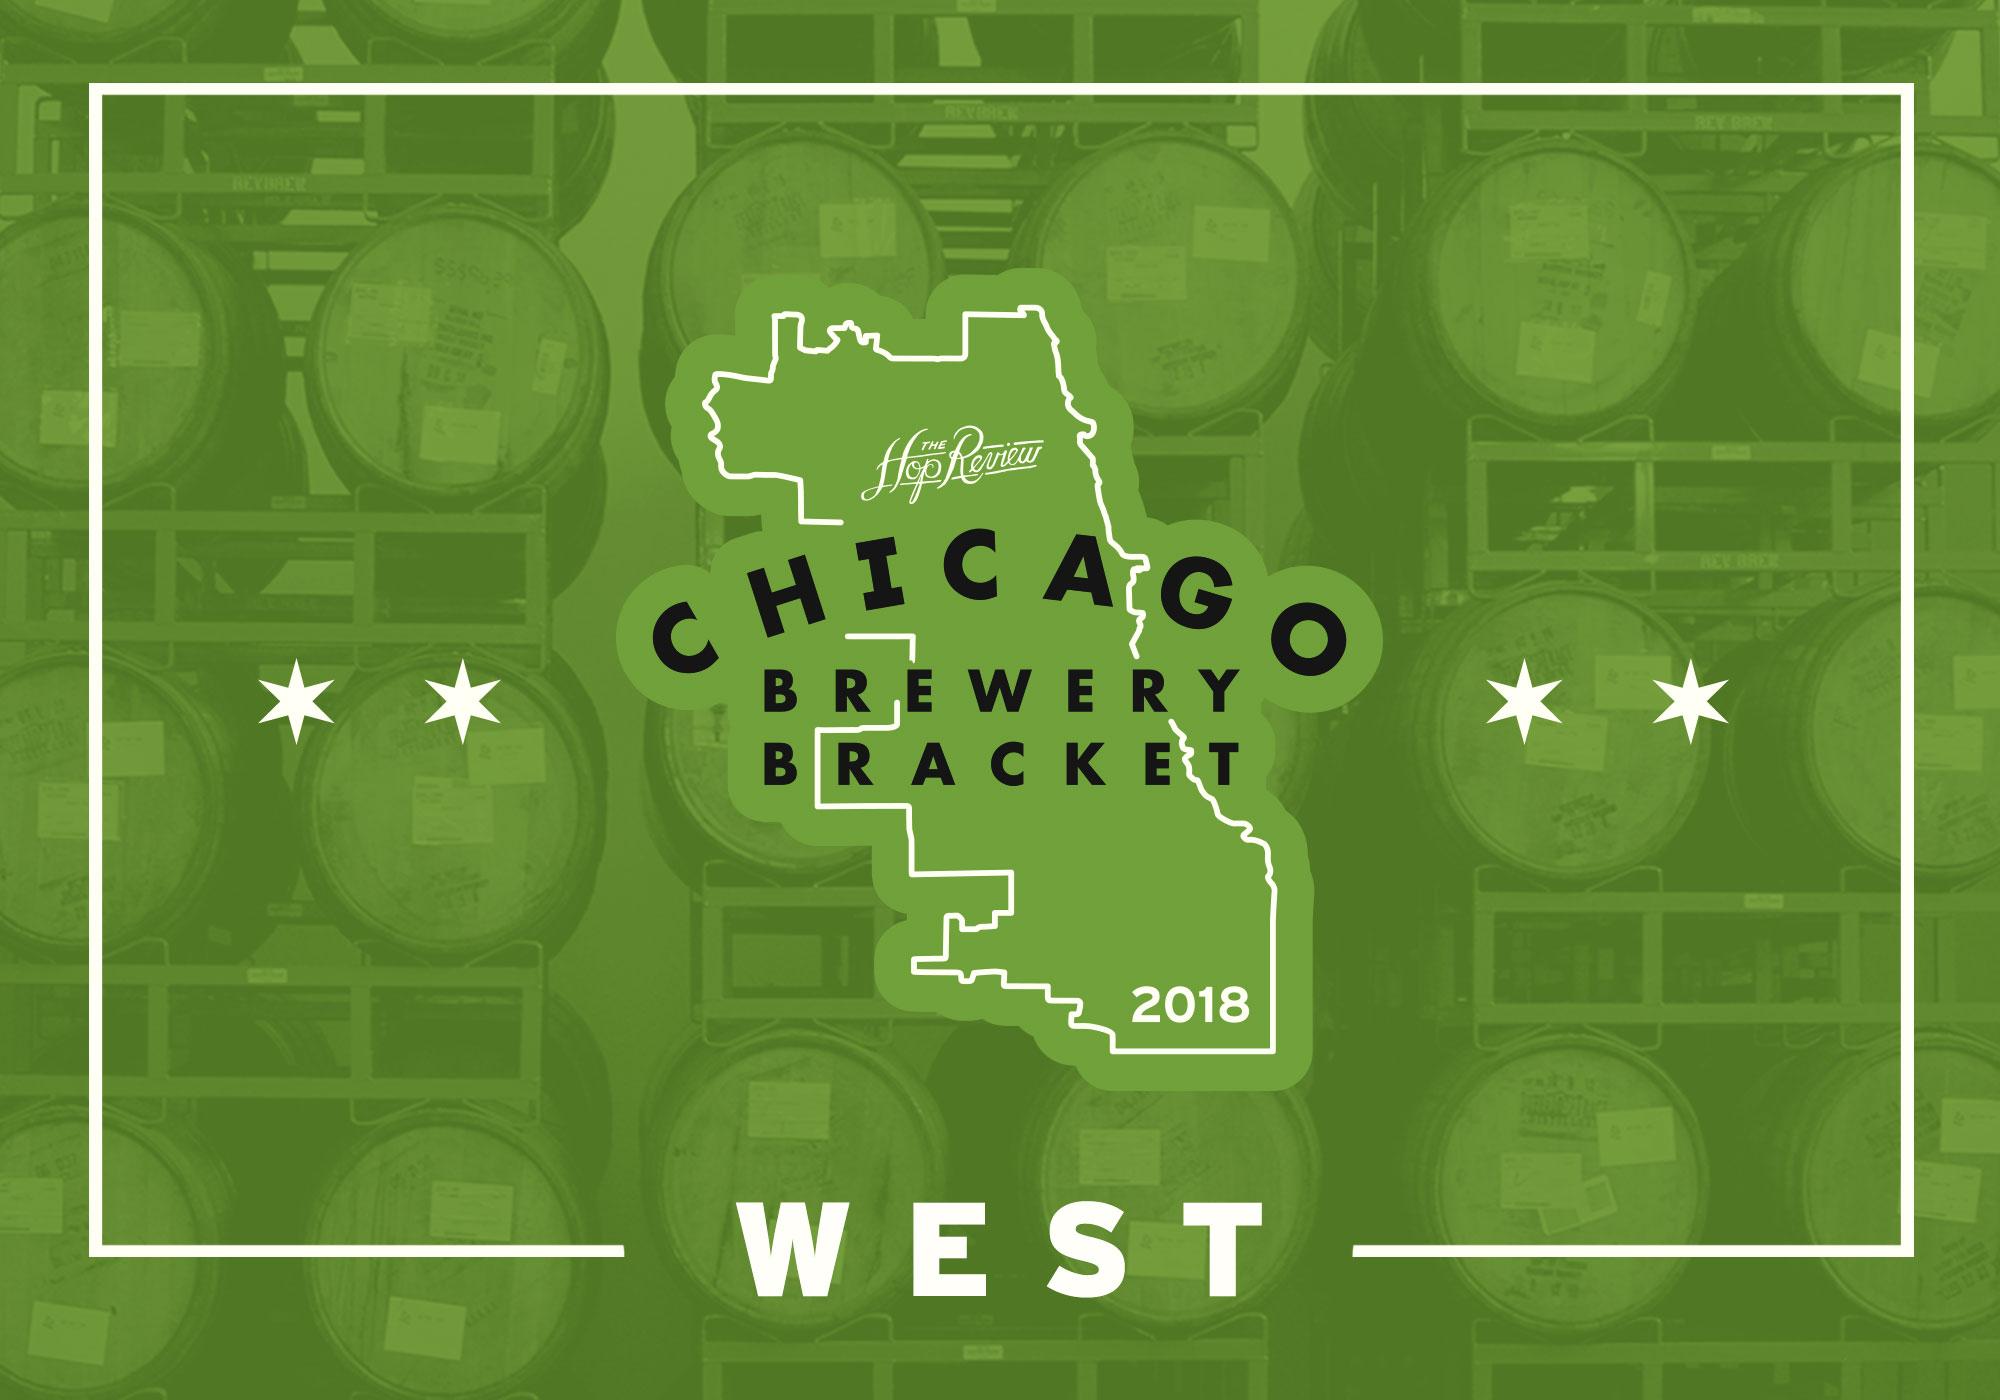 2018 Chicago Brewery Bracket: West – Rd. 2